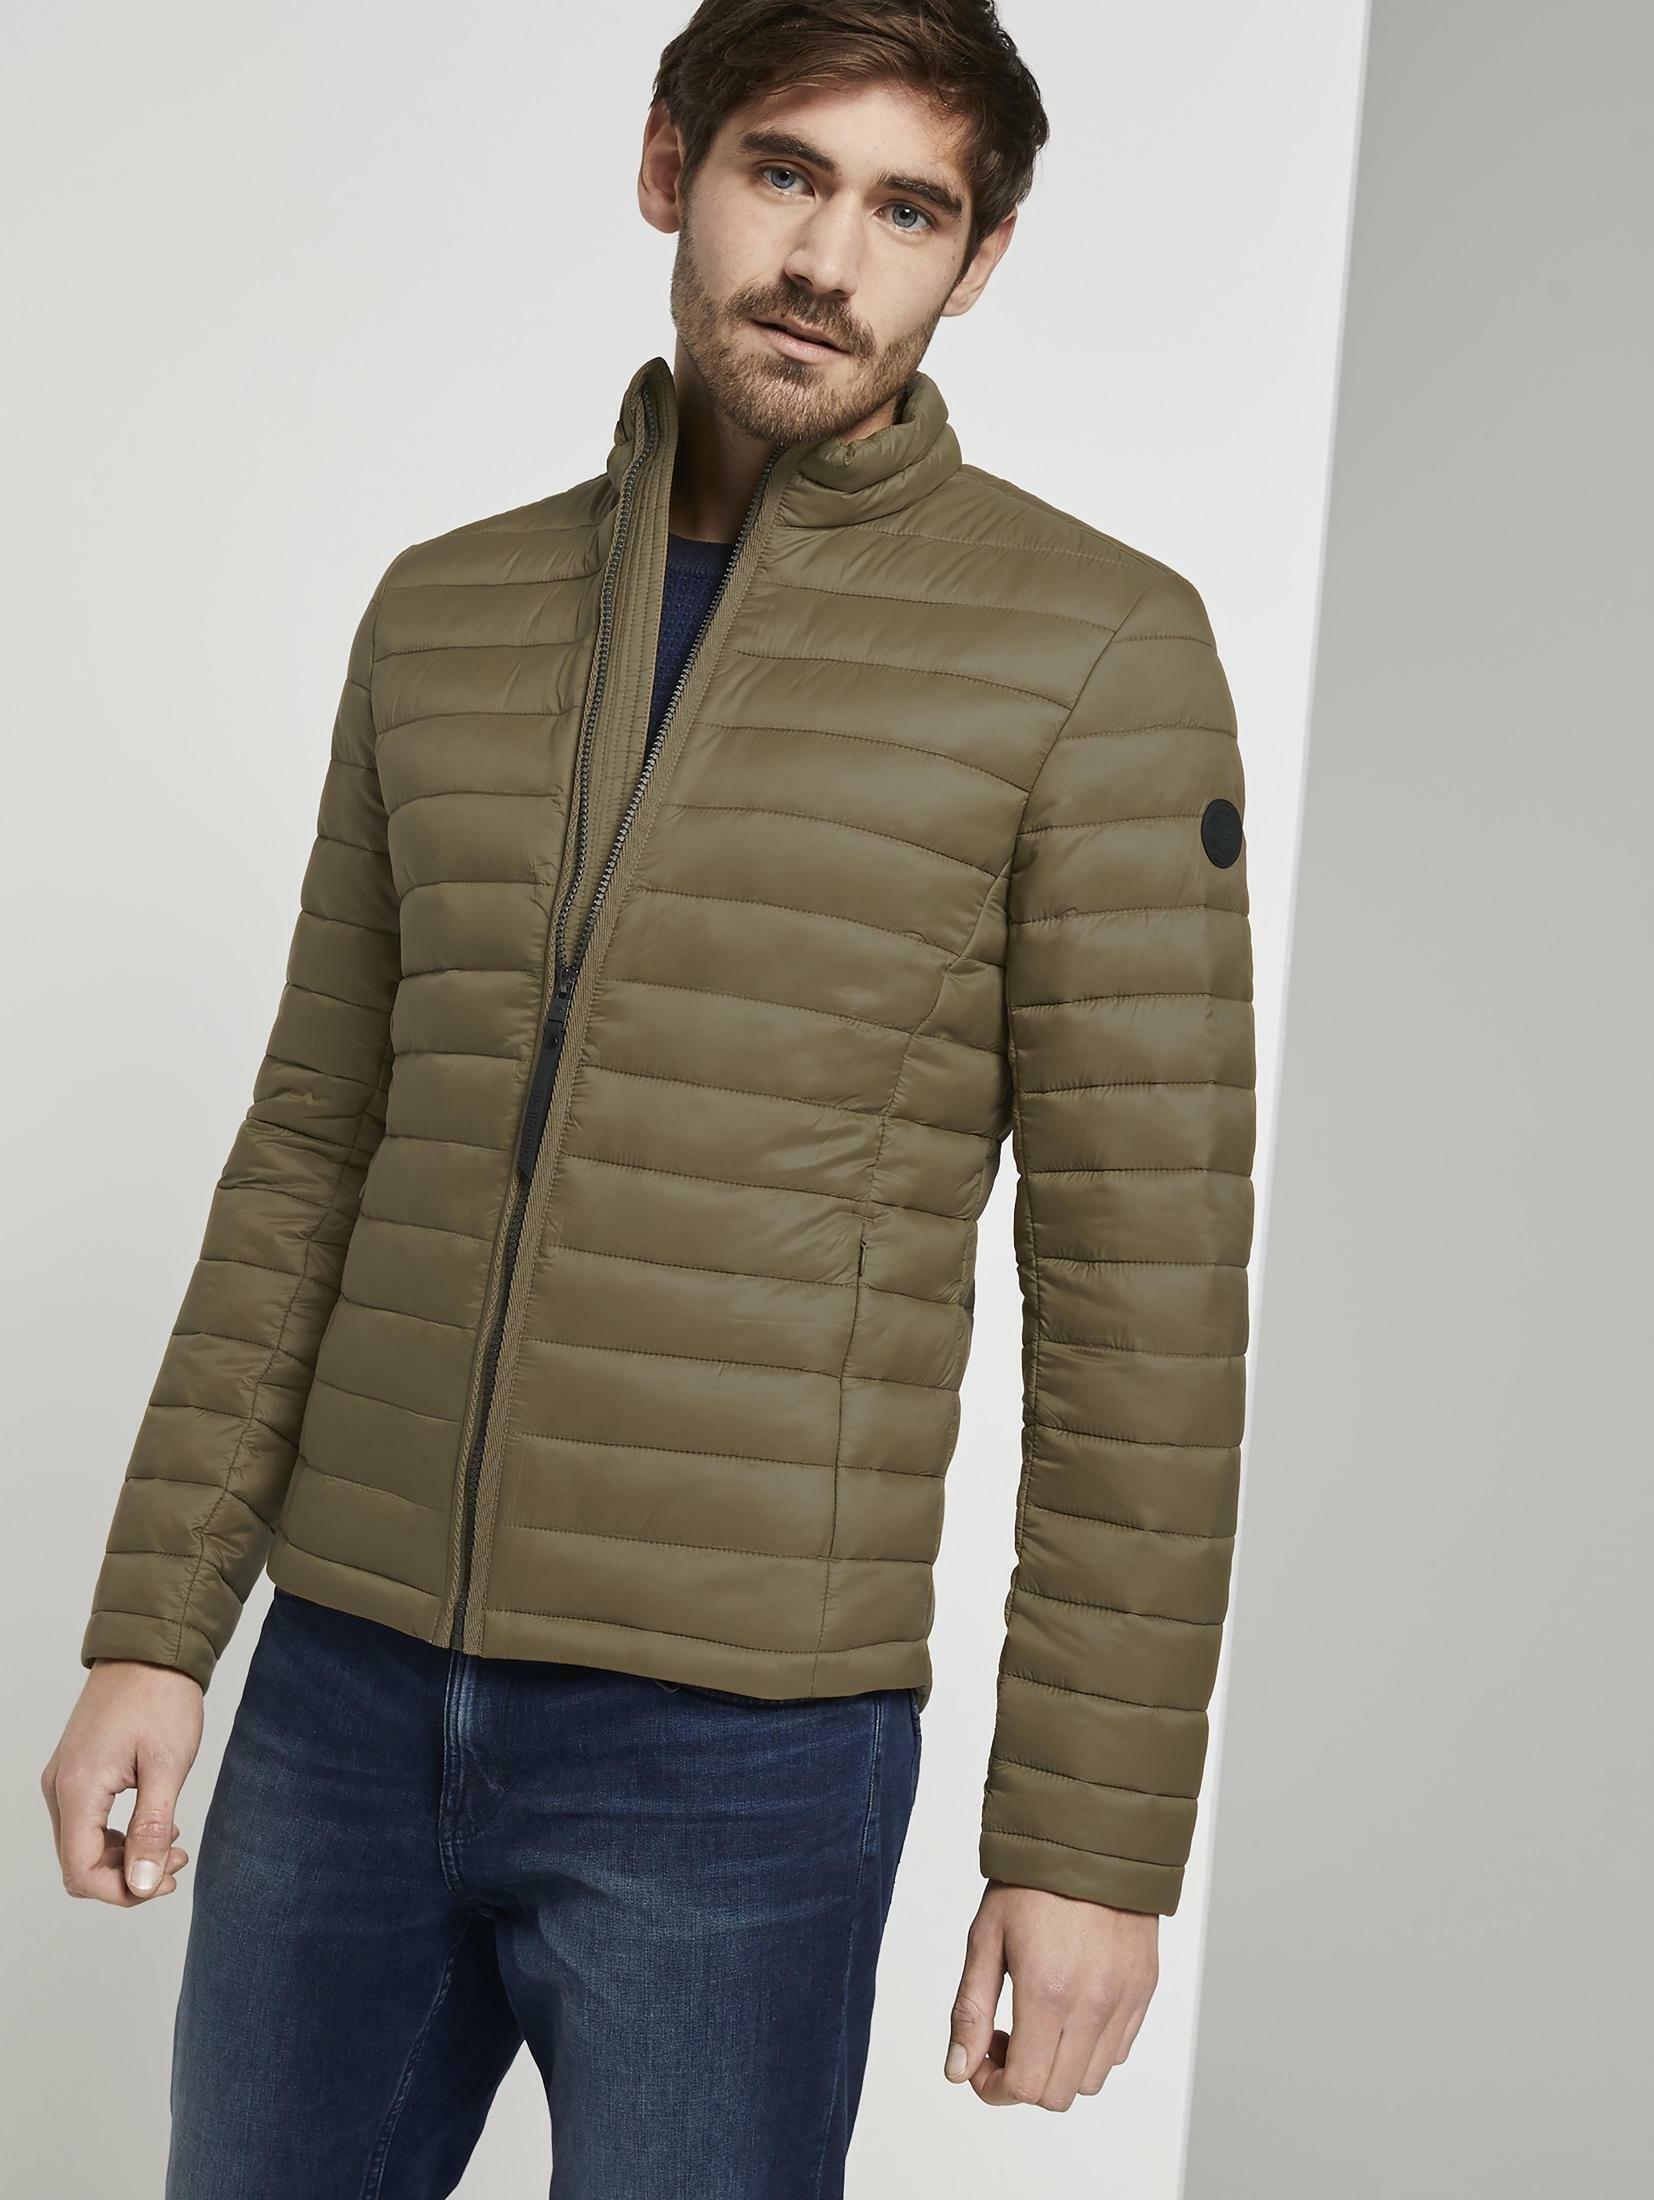 Tom Tailor gewatteerde jas Licht jasje met opstaande kraag nu online kopen bij OTTO